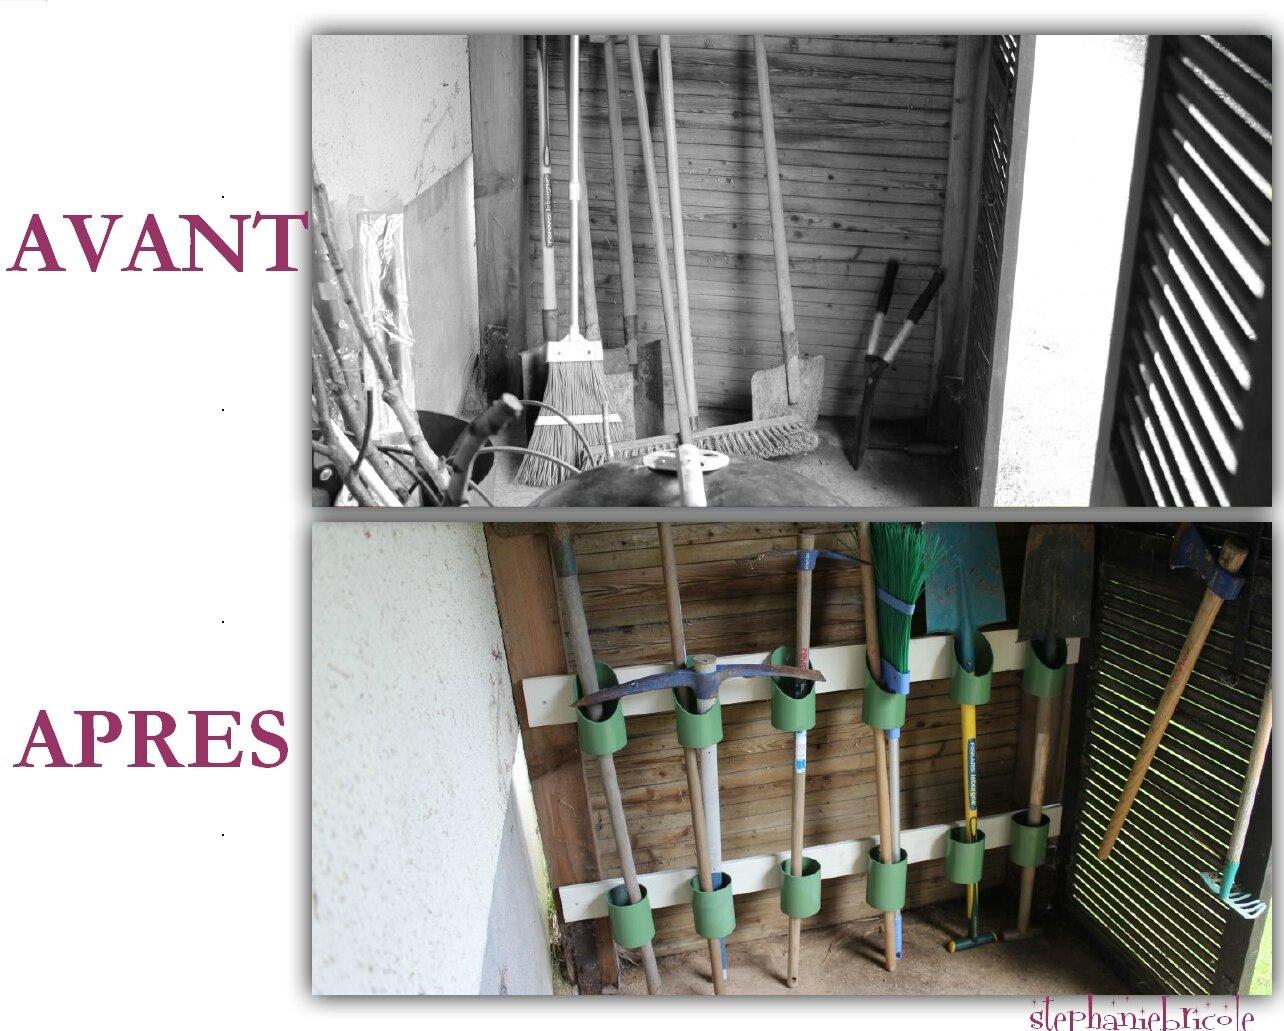 Ide De Rangement Rcup Pour Le Jardin Stphanie Bricole